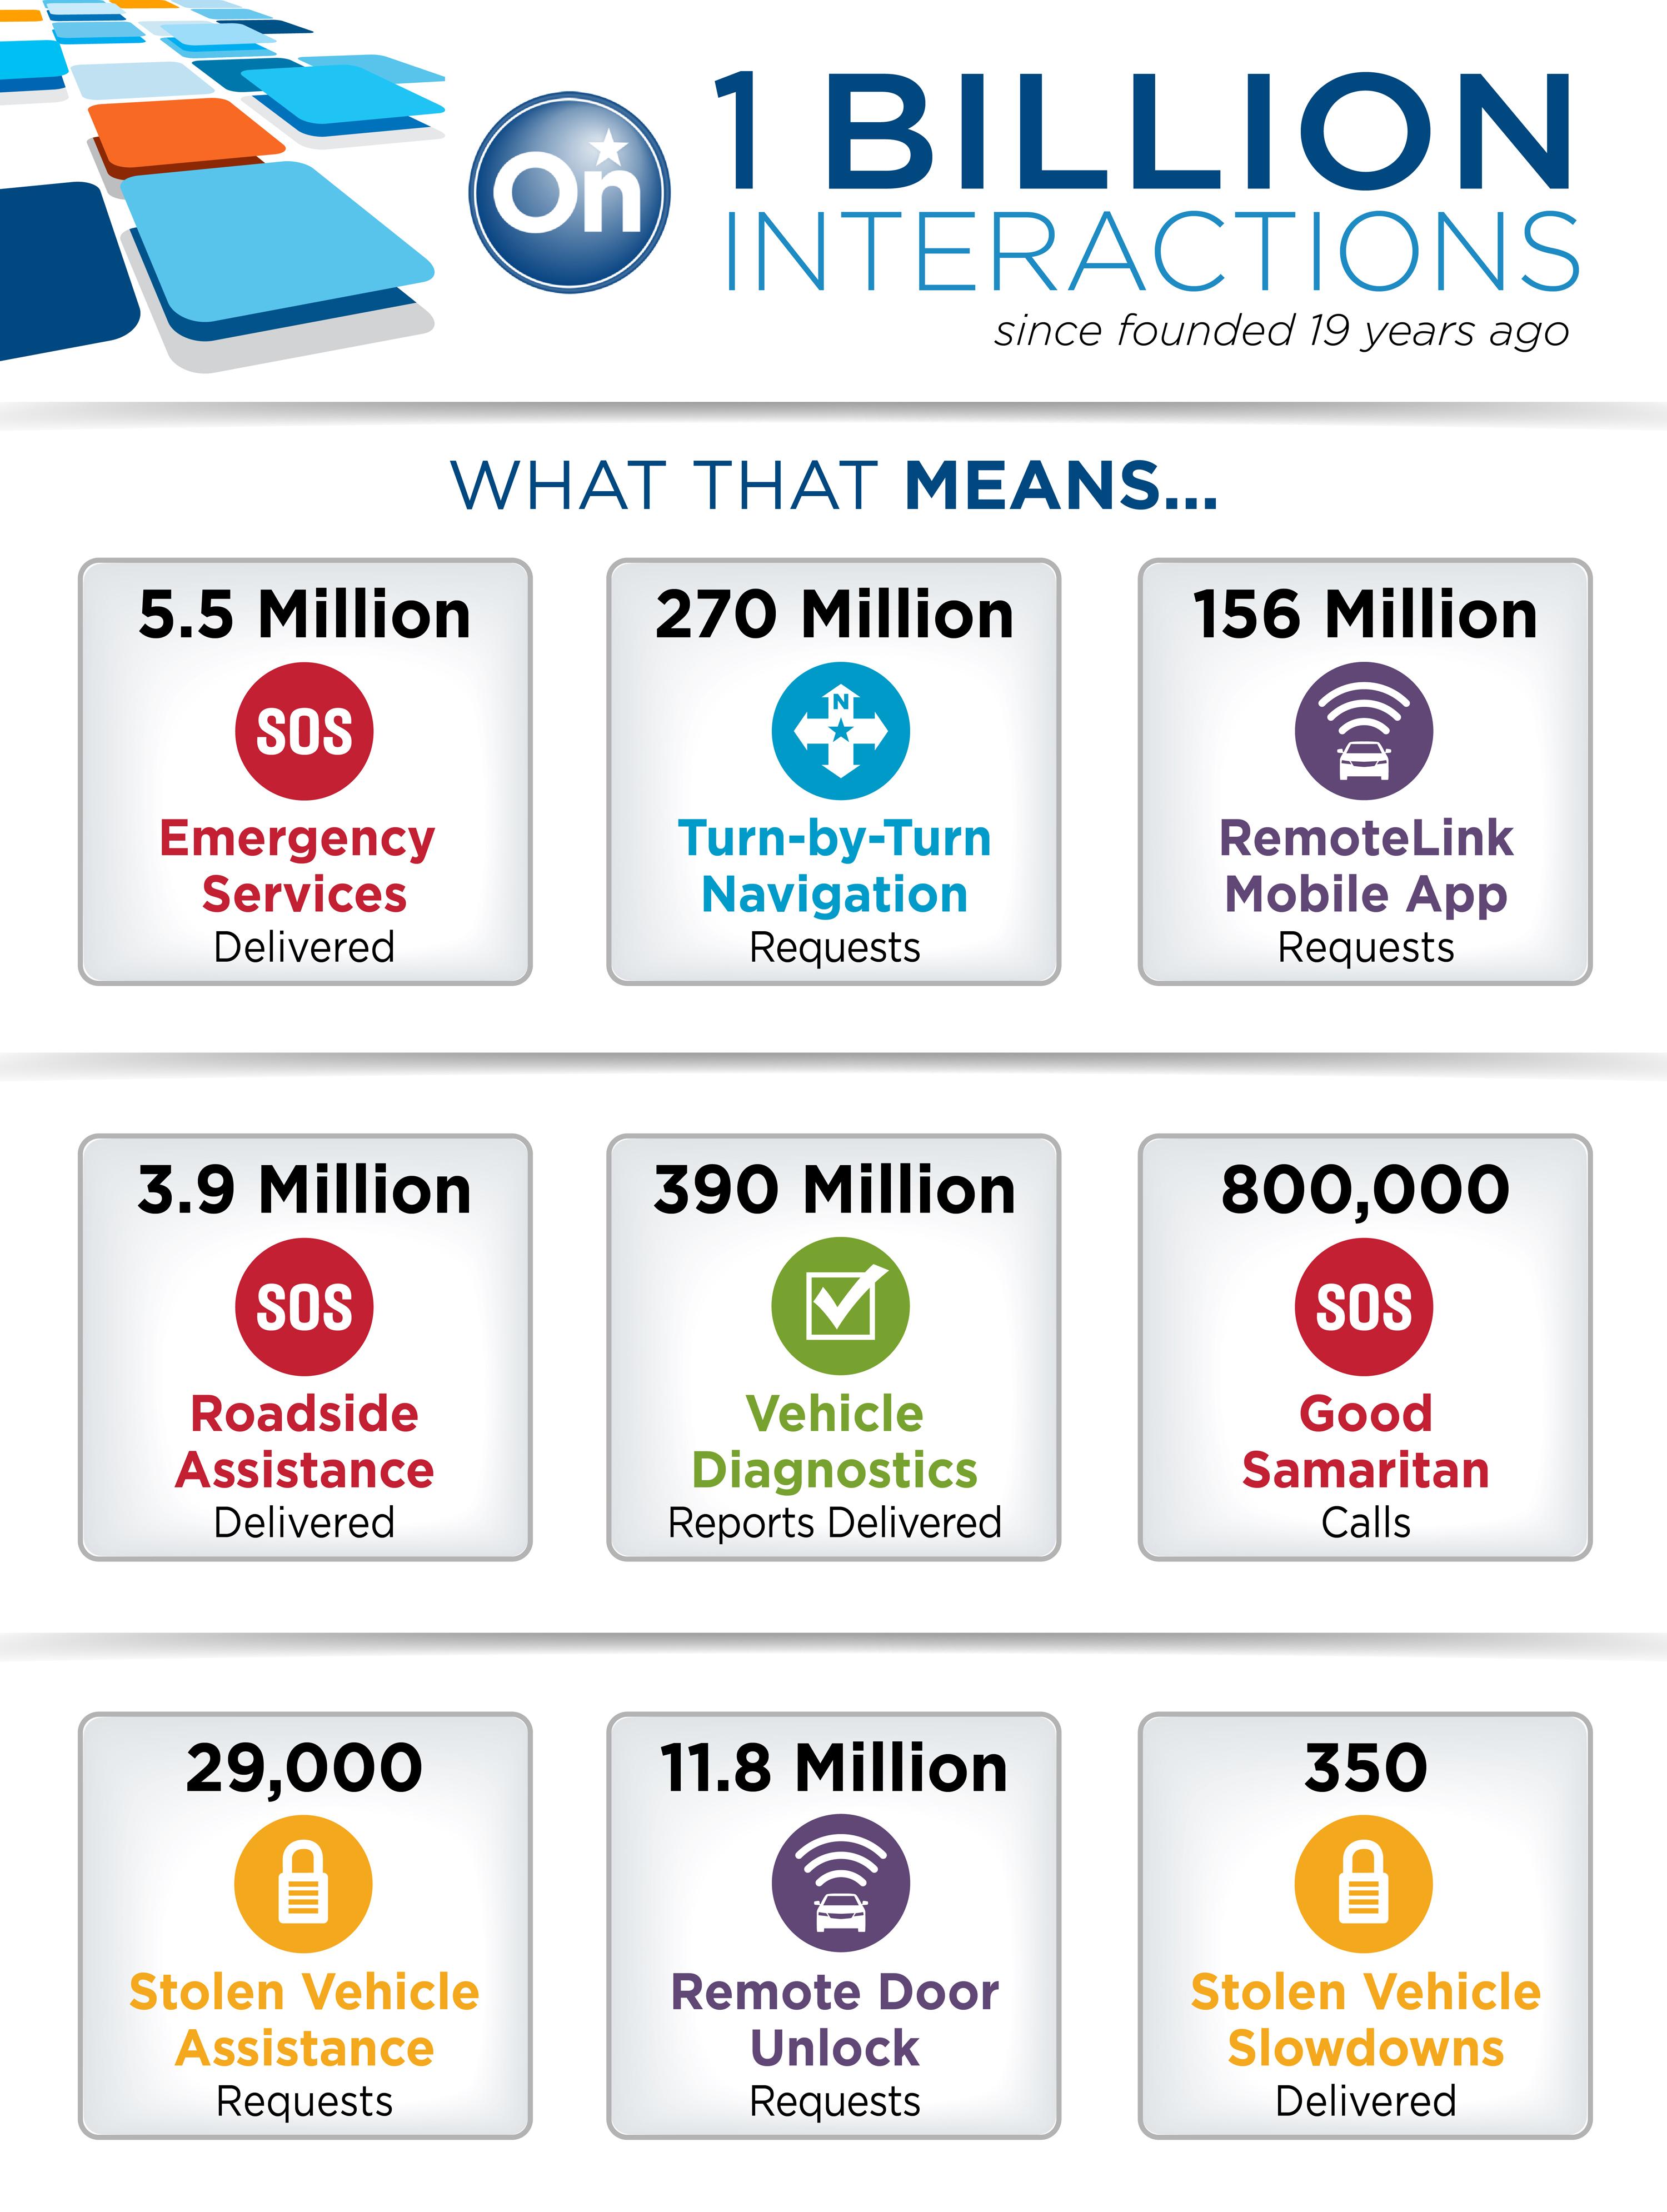 OnStar Tops 1 Billion Customer Interactions